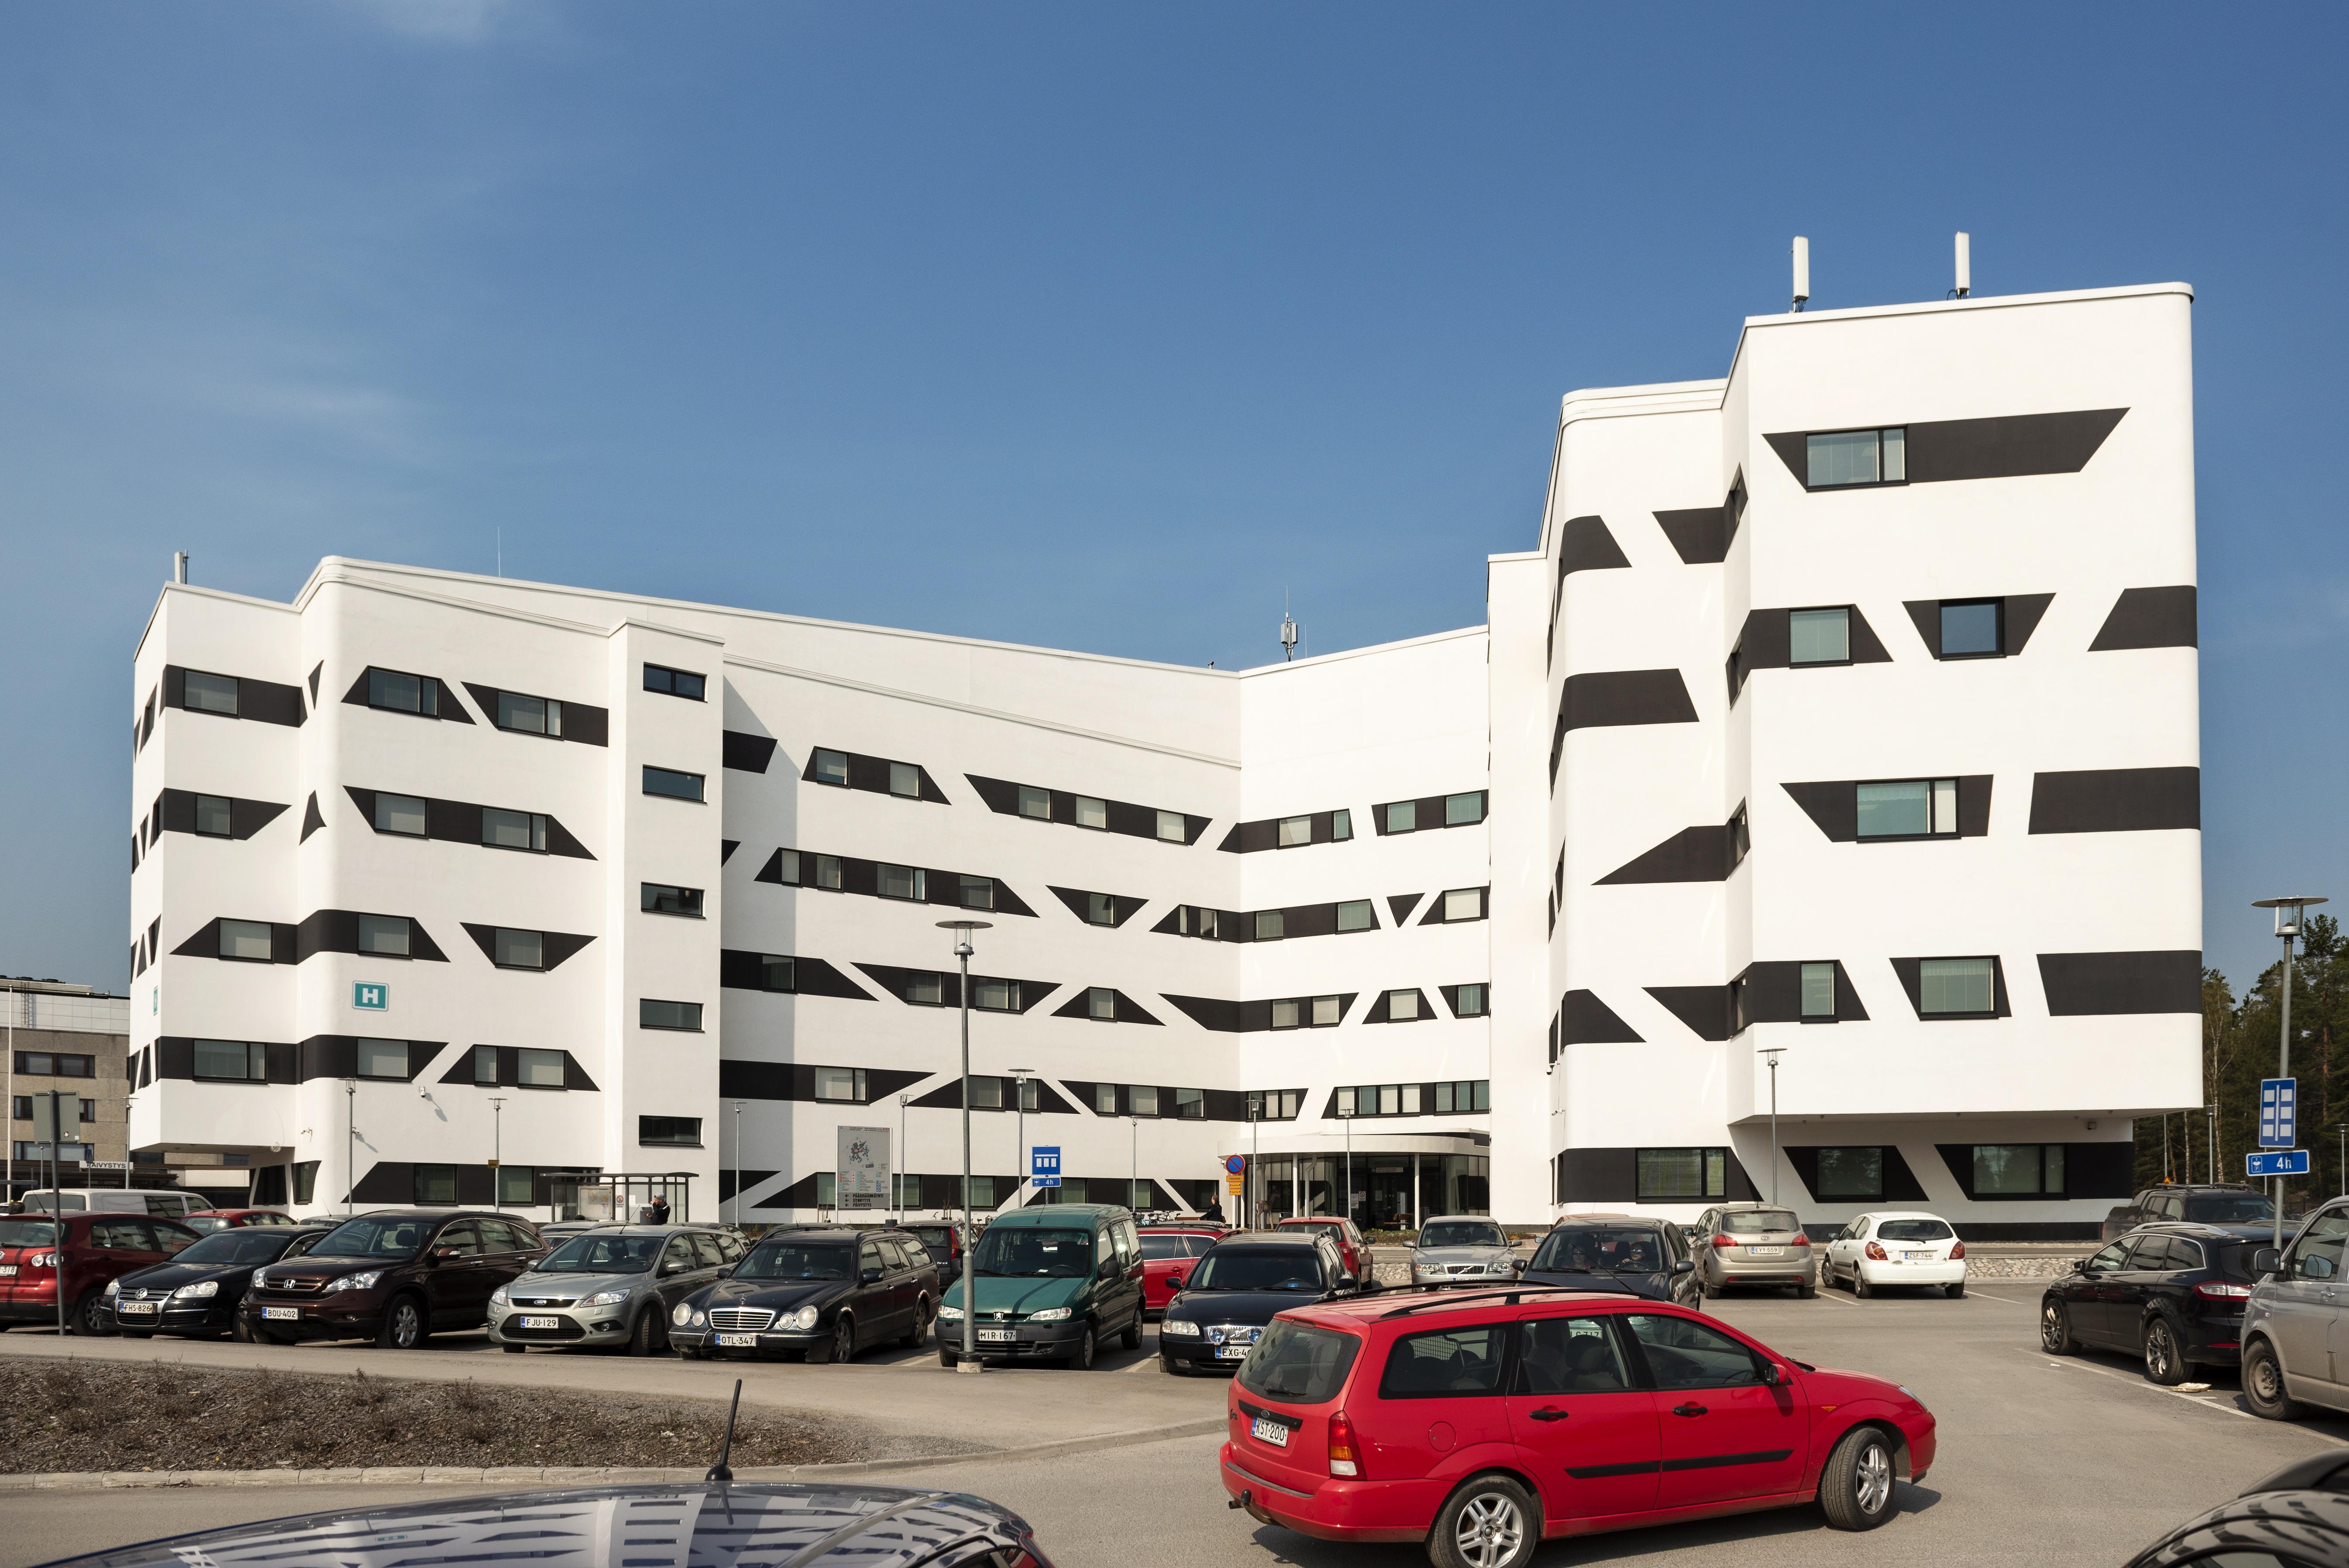 Hyvinkään sairaanhoitoalueen tavoitteiden ja erikoissairaanhoidon ja perusterveydenhuollon yhteistyön toteutuminen